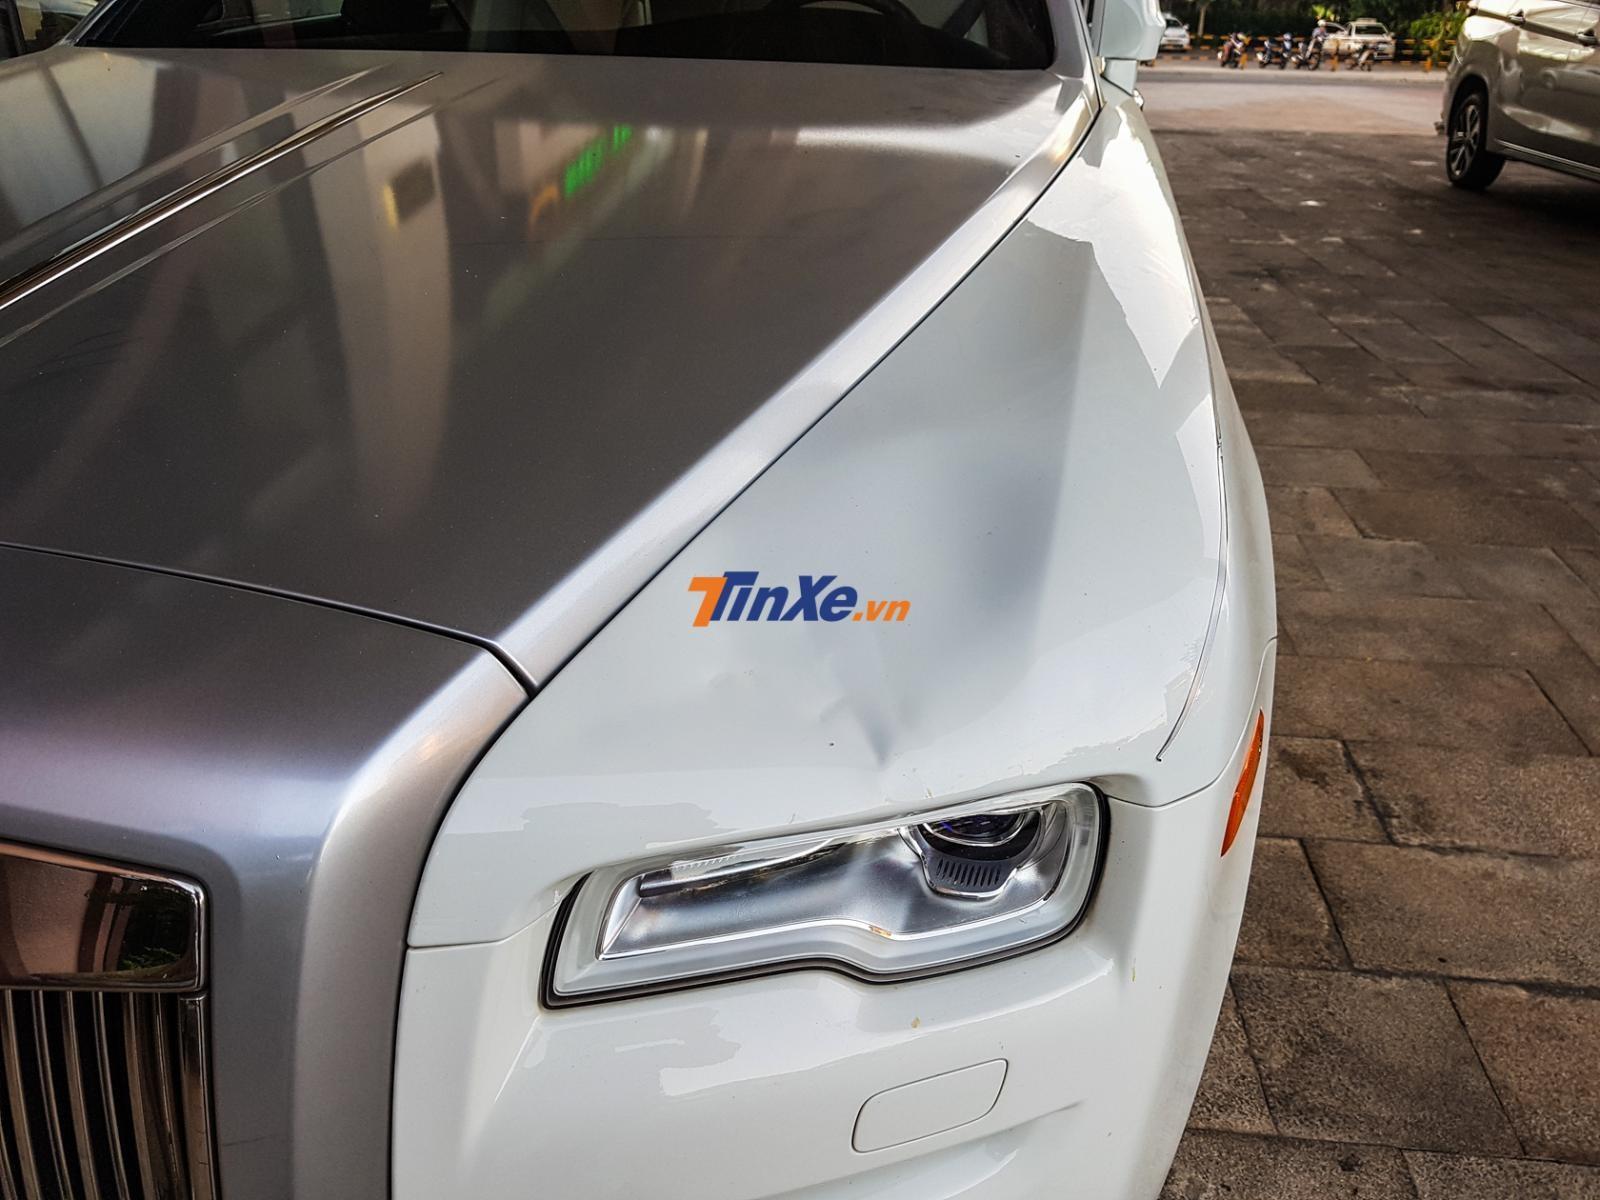 Cận cảnh vết móp của chiếc xe siêu sang Rolls-Royce Ghost xuất hiện tại tỉnh Quảng Nam